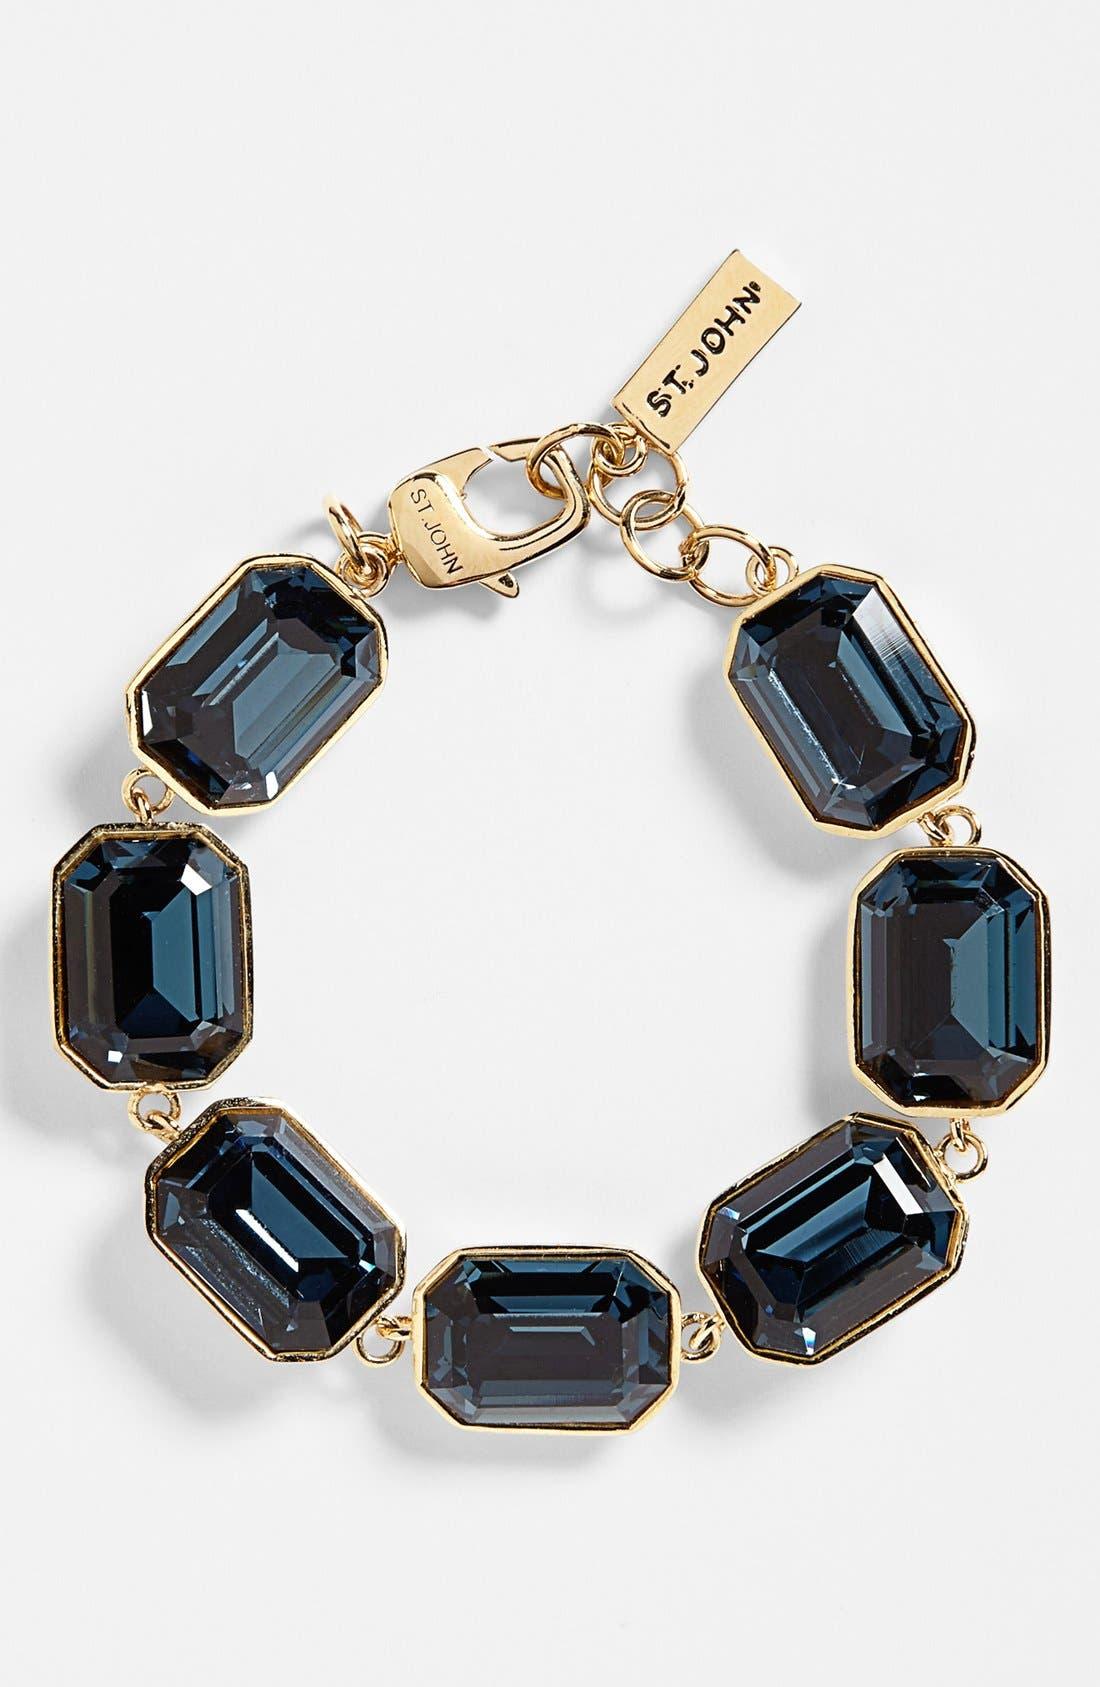 Main Image - St. John Collection Crystal Station Line Bracelet